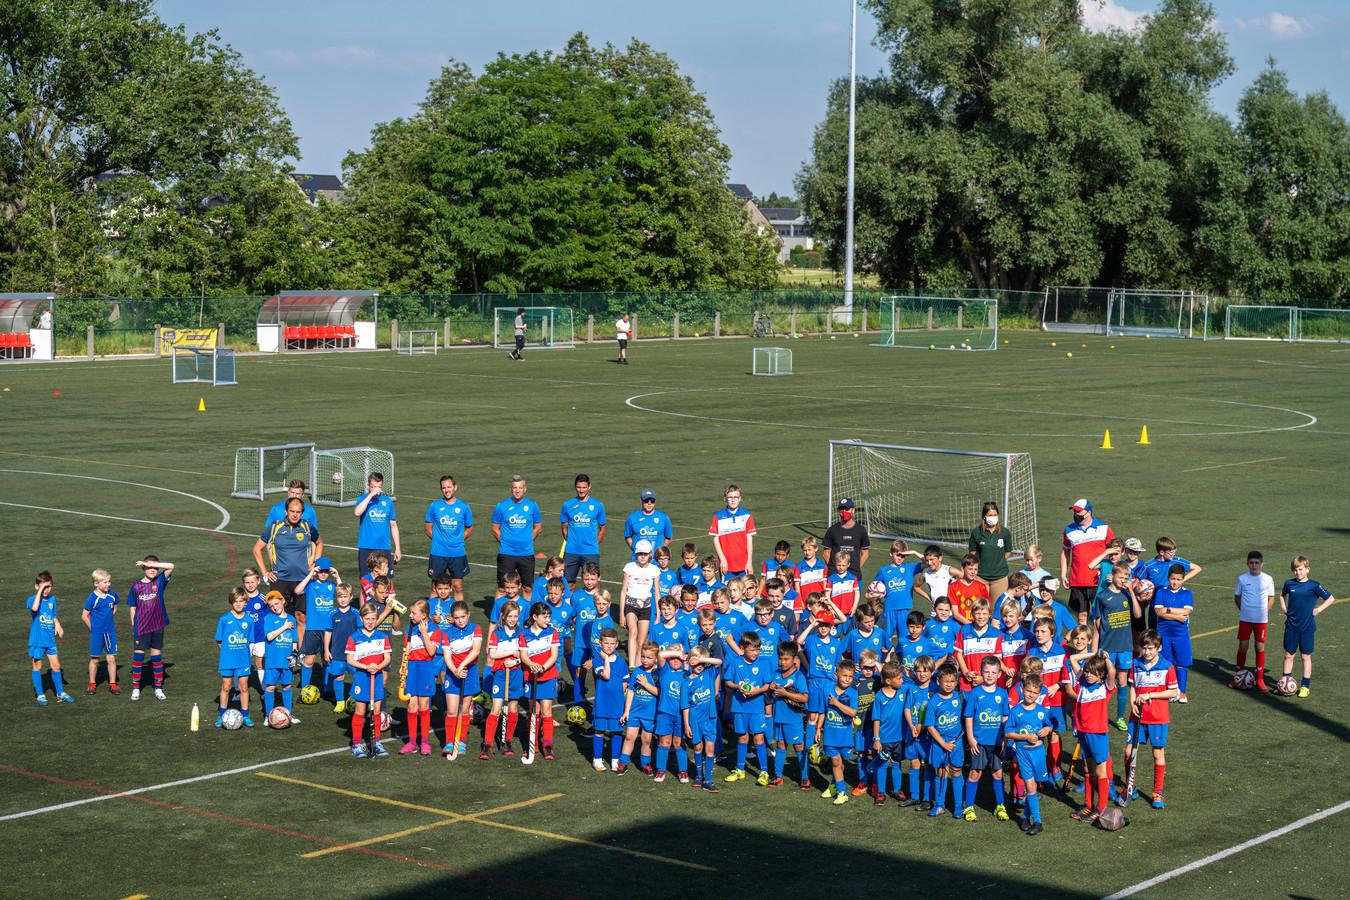 """De sportclubs toonden zich samen op het kunstgrasveld in Sint-Gillis om een signaal te geven. """"De nood is hoog"""", klinkt het."""